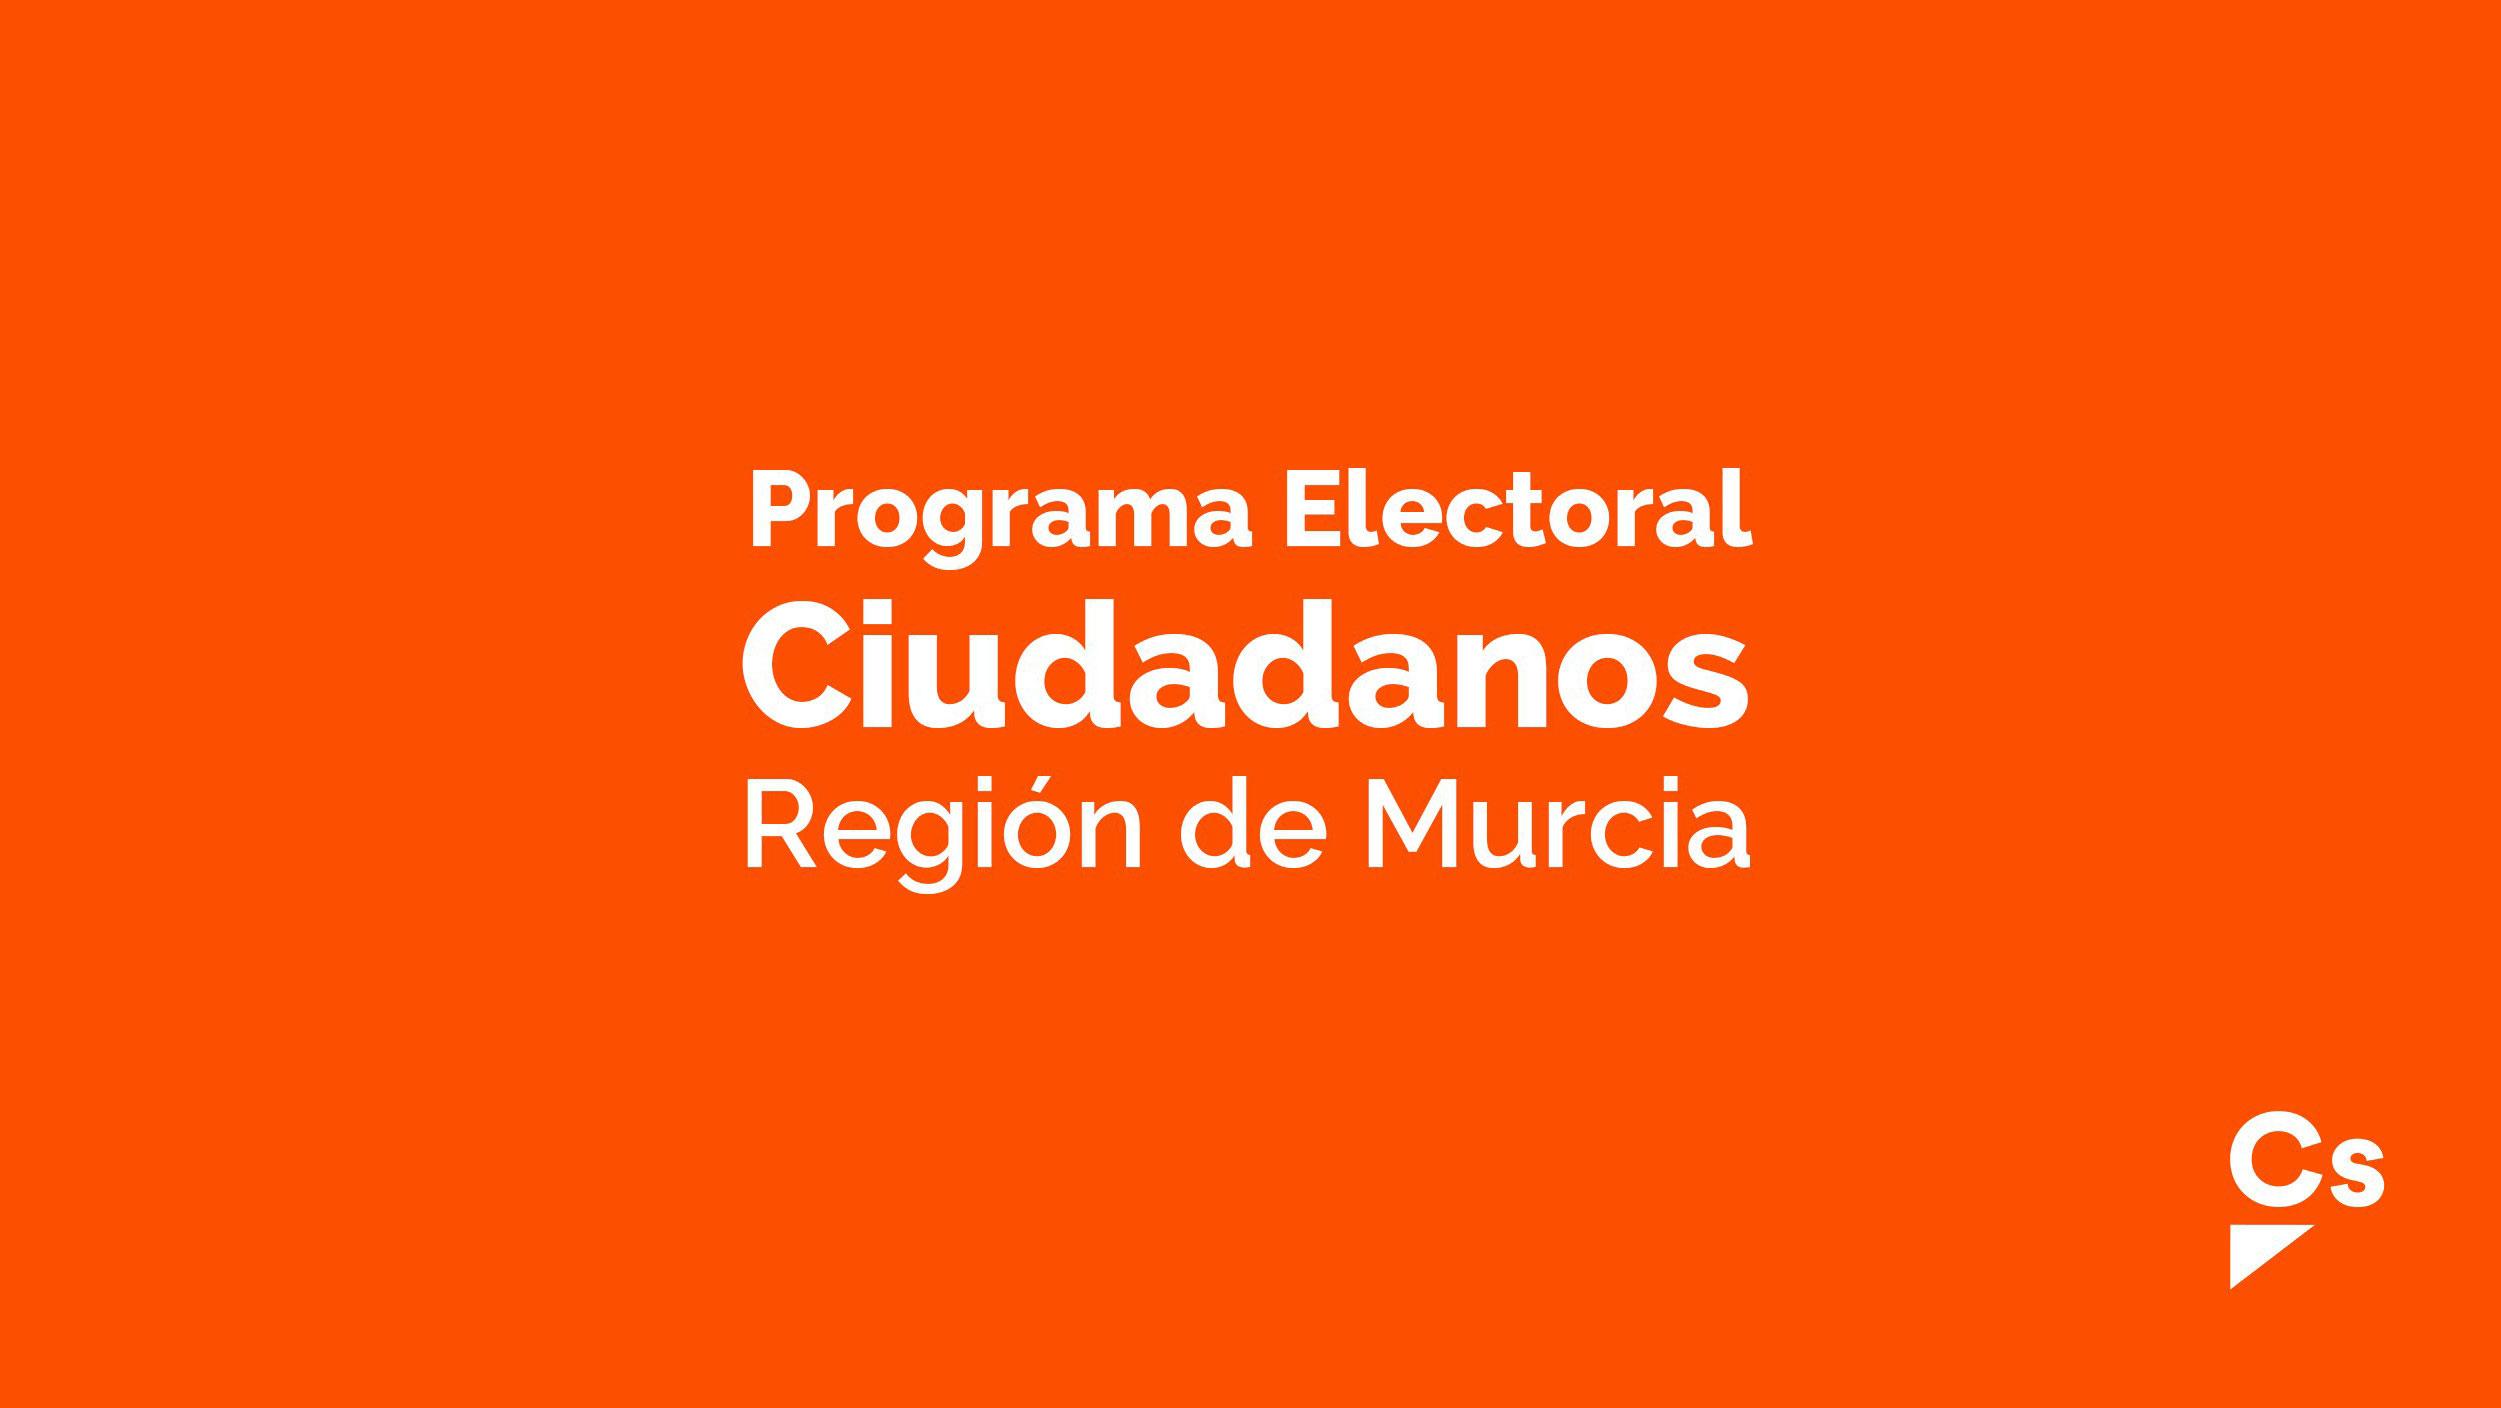 Mapa Region De Murcia Elecciones.Programa Electoral De Ciudadanos Region De Murcia